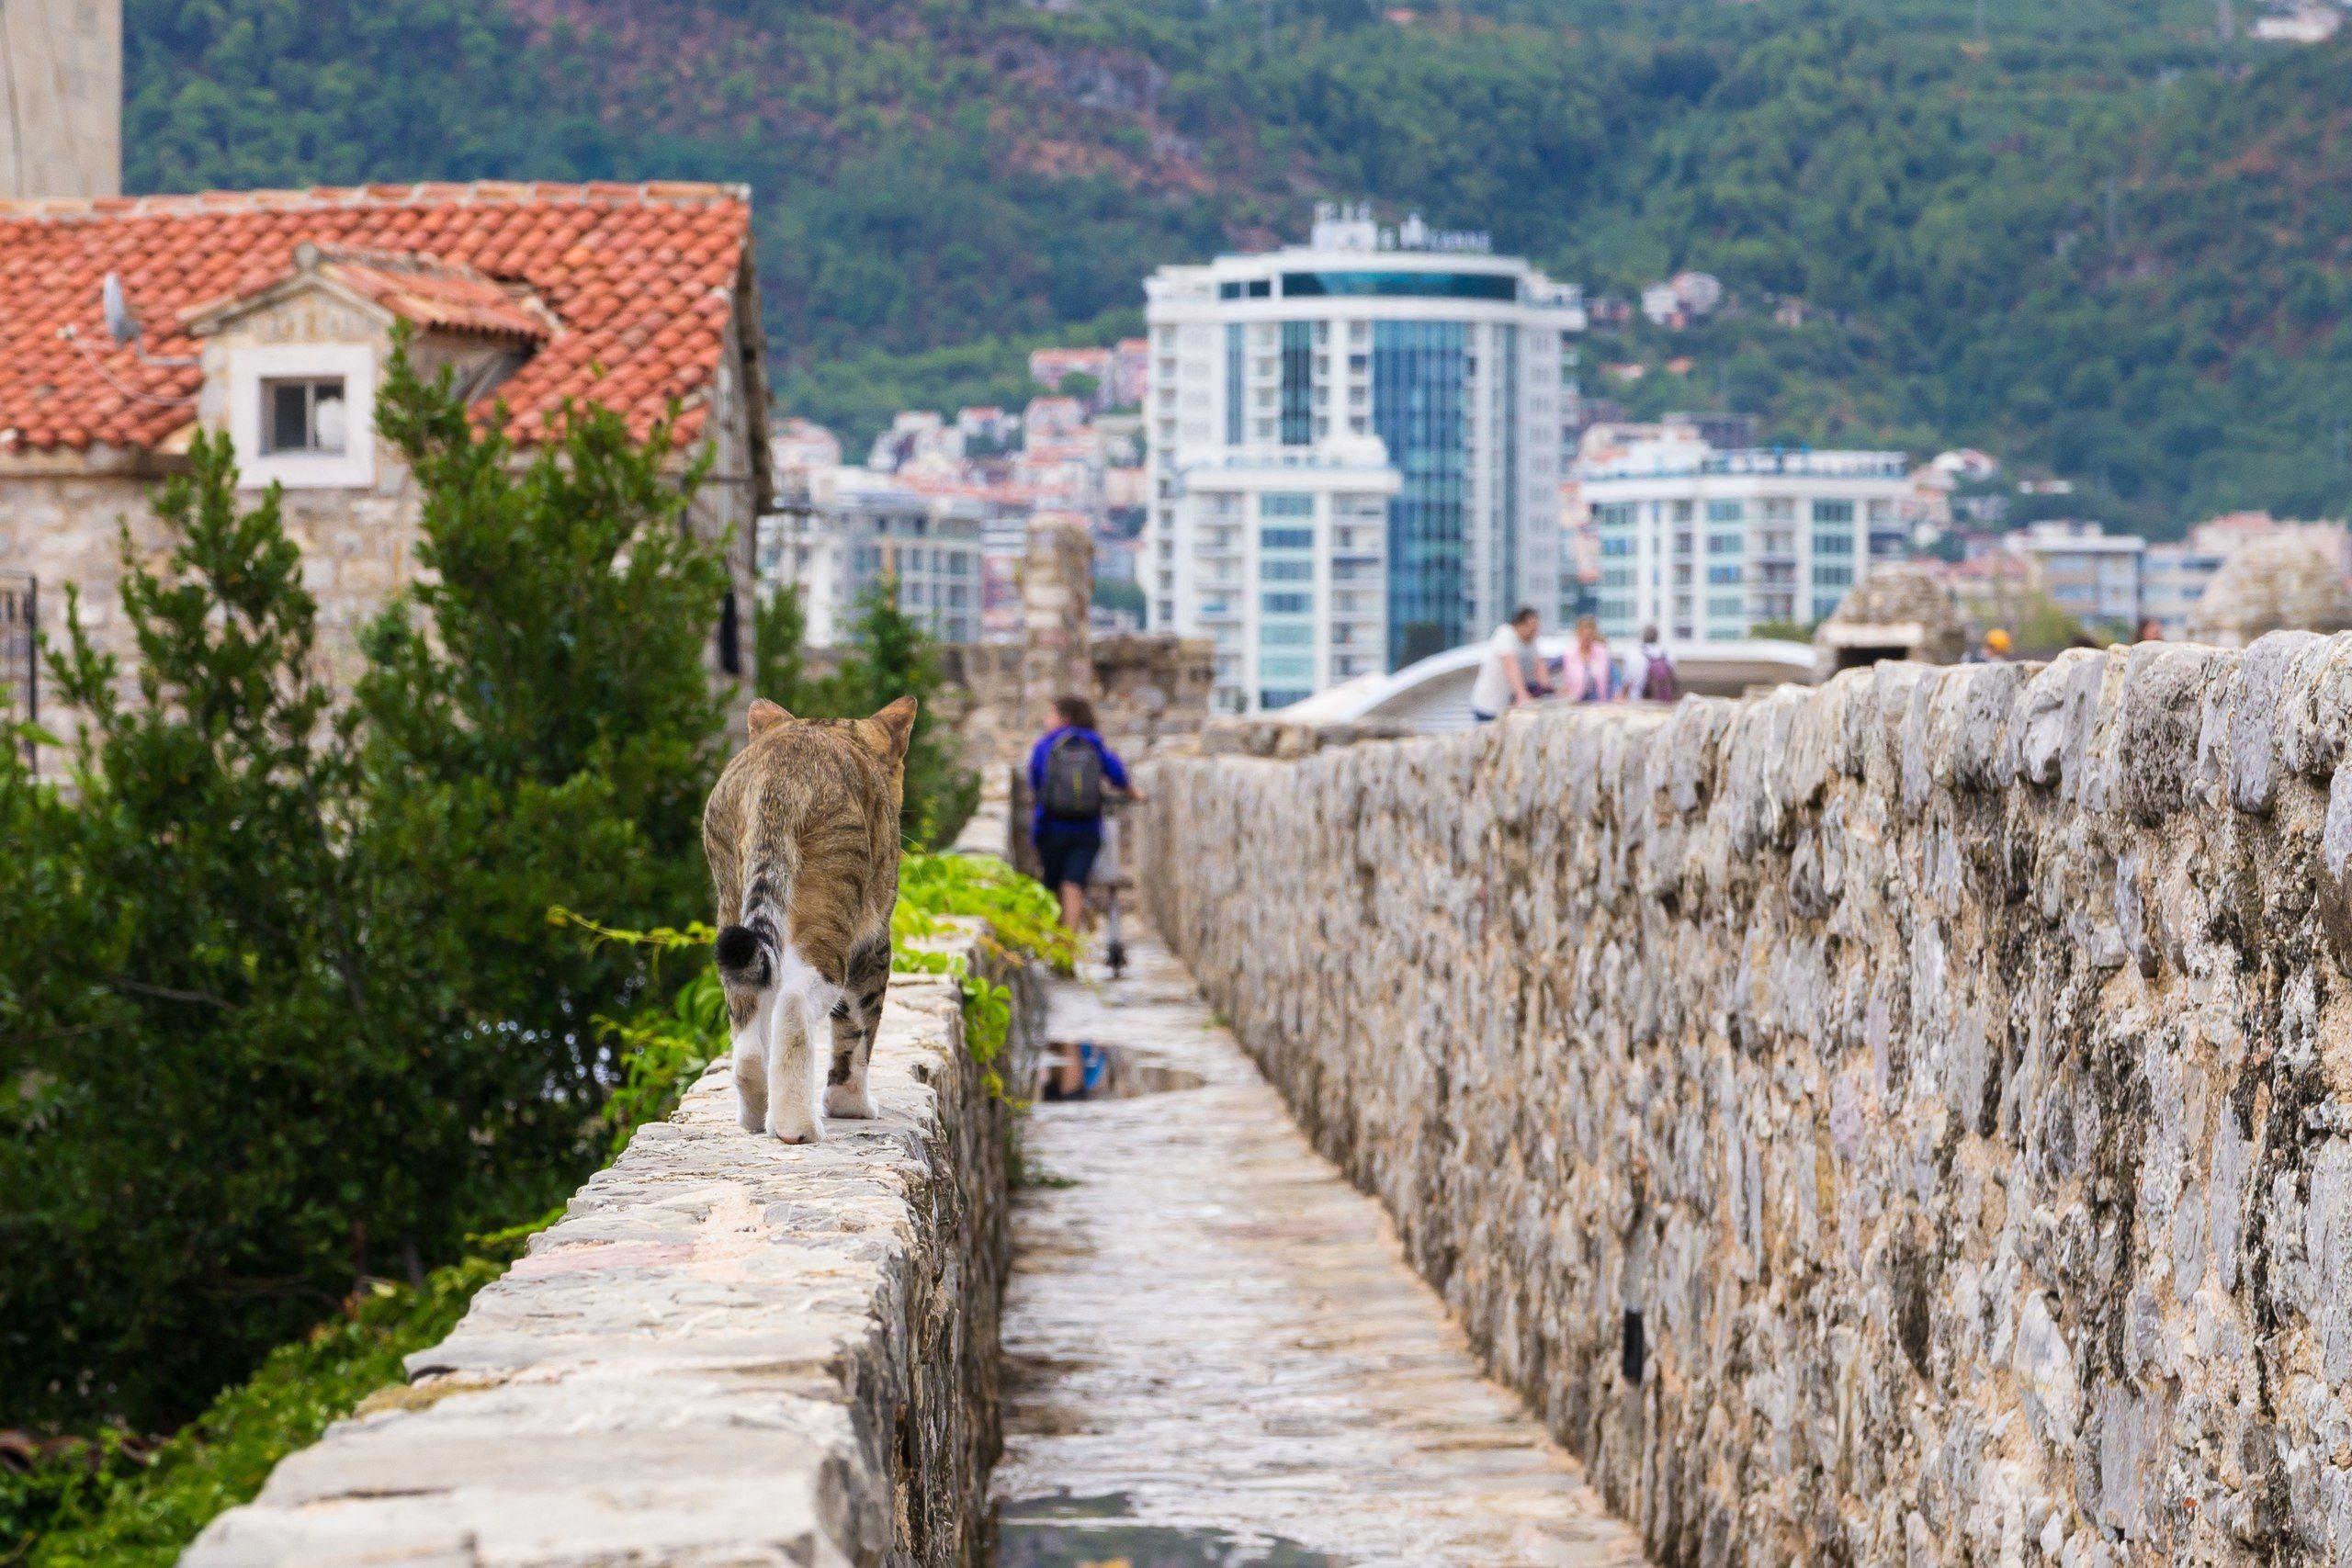 кот, коты, черногория, море, горы, путишествие, история, животные, montenegro, budva, cat, cats, animals, Мержанов Дима